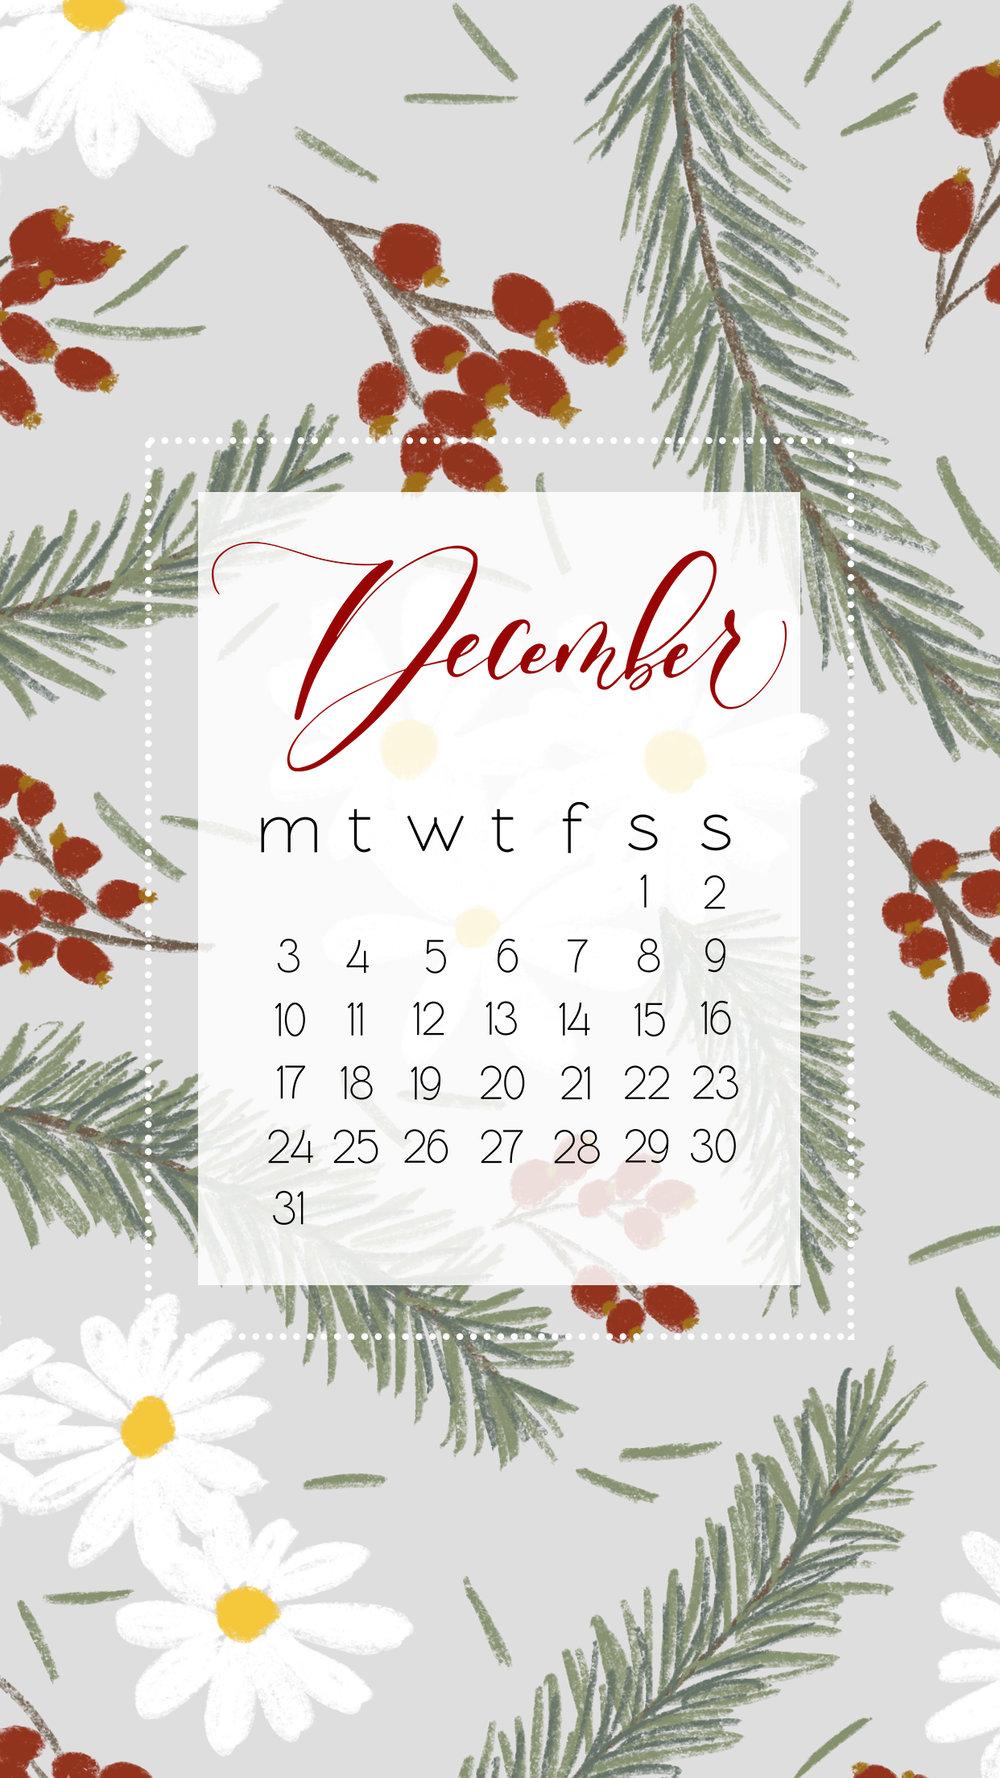 mobile wallpaper december.jpg